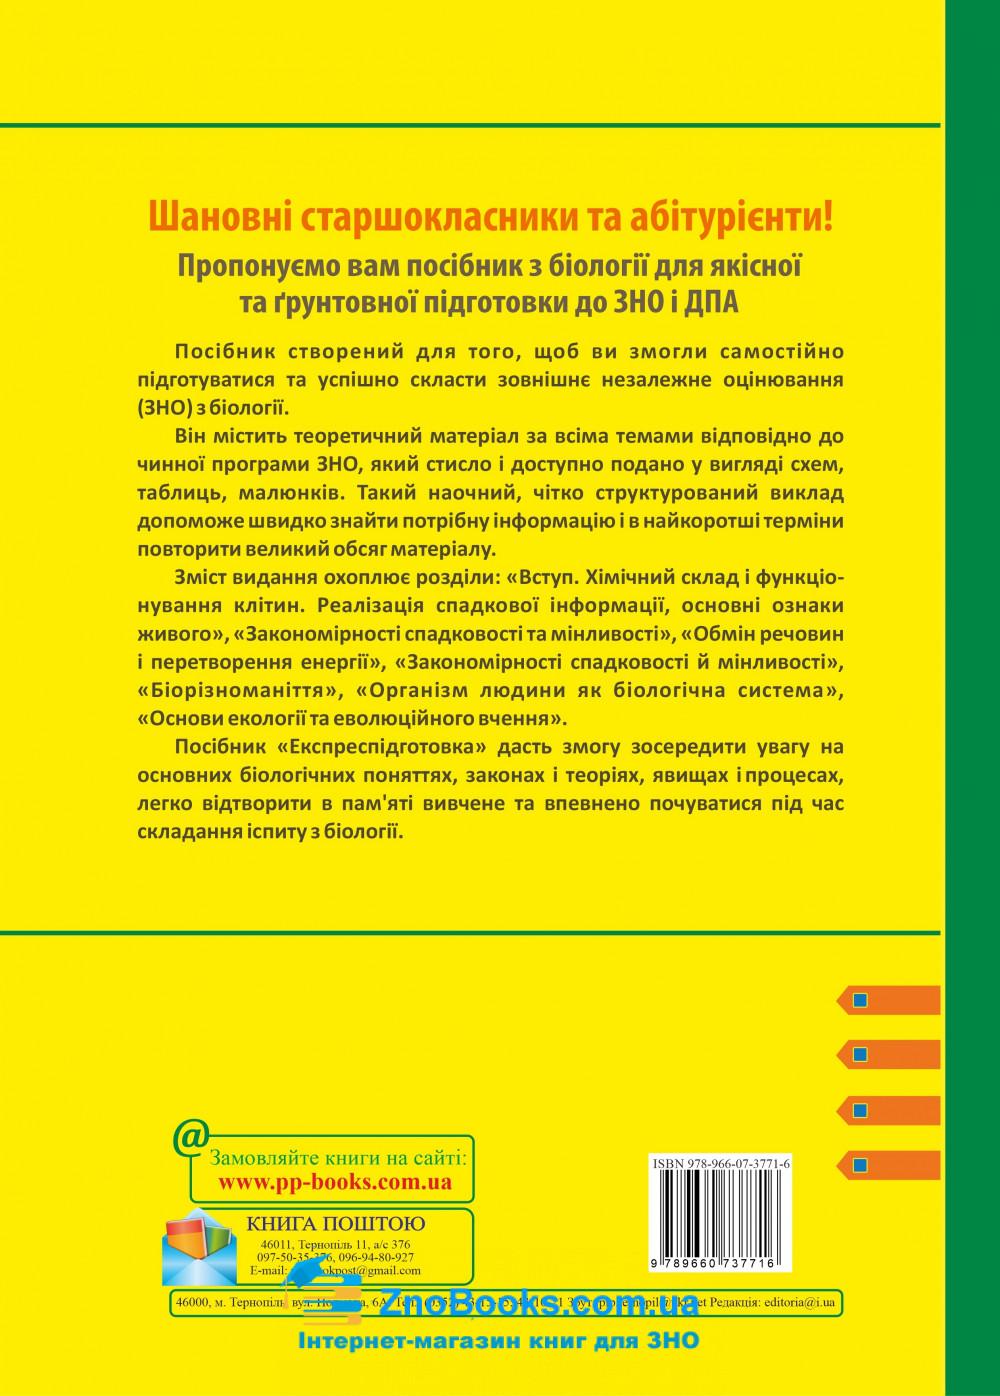 Біологія в таблицях і схемах до ЗНО 2021 : Барна І. Підручники і посібники 11